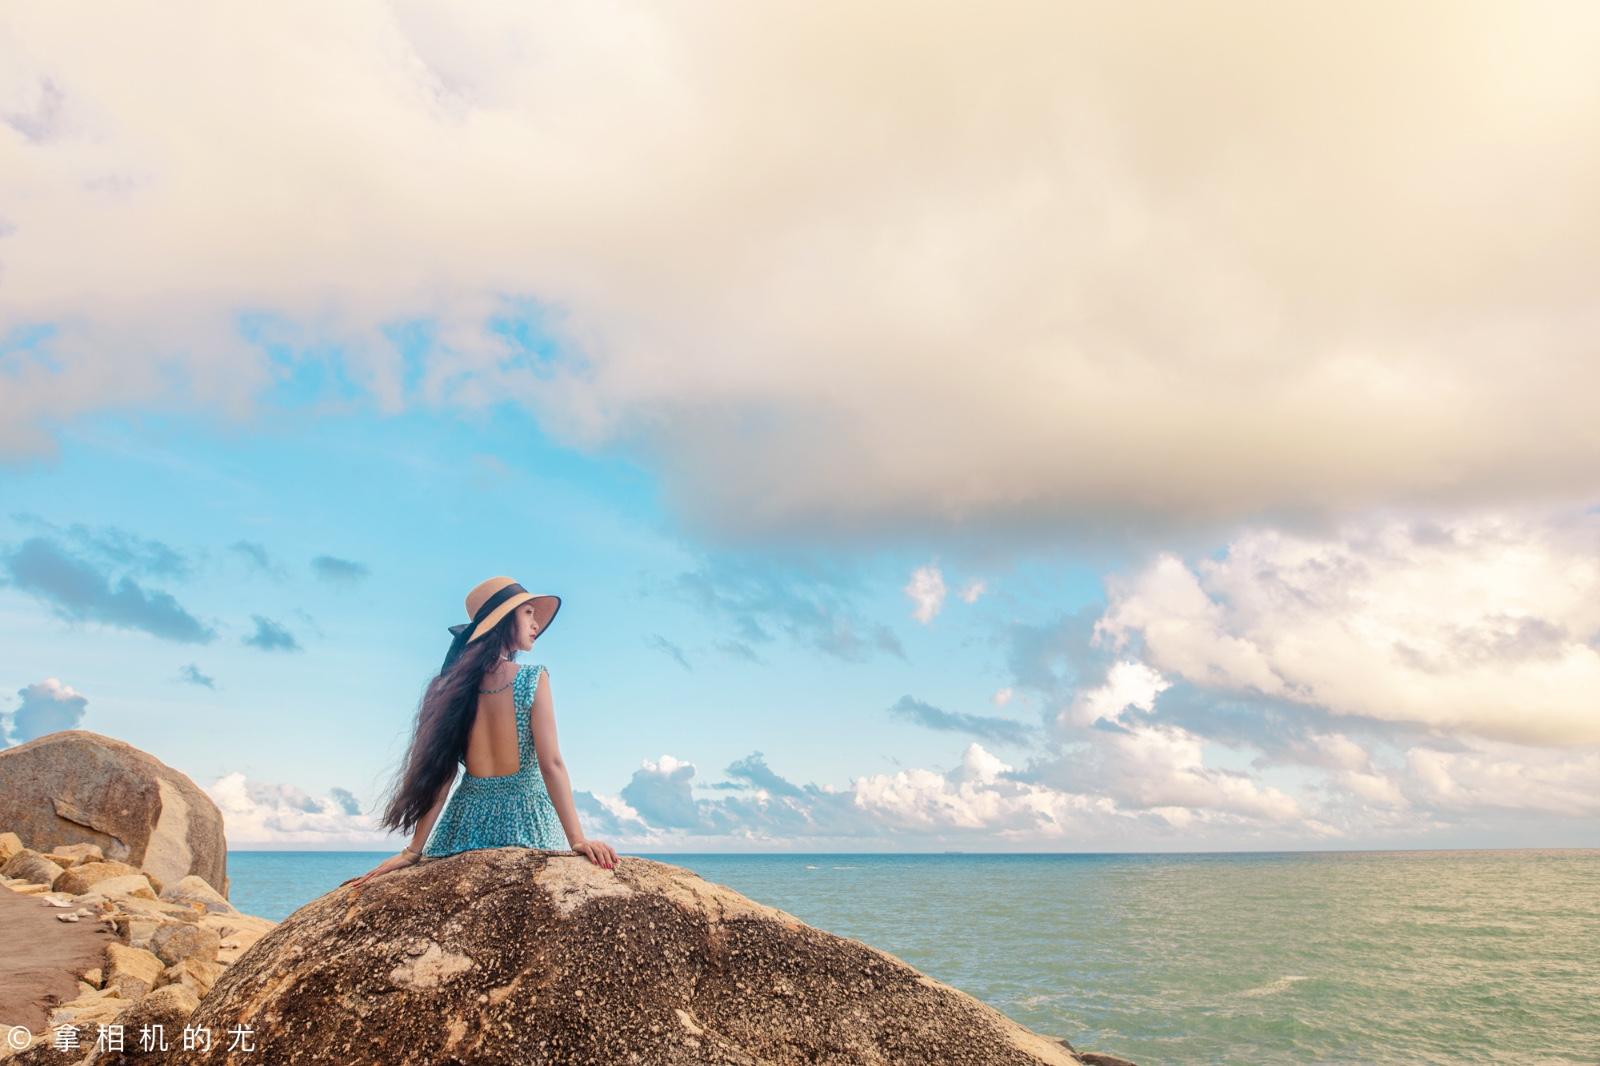 双月湾,你是否也有一个海居梦(摄影+攻略)